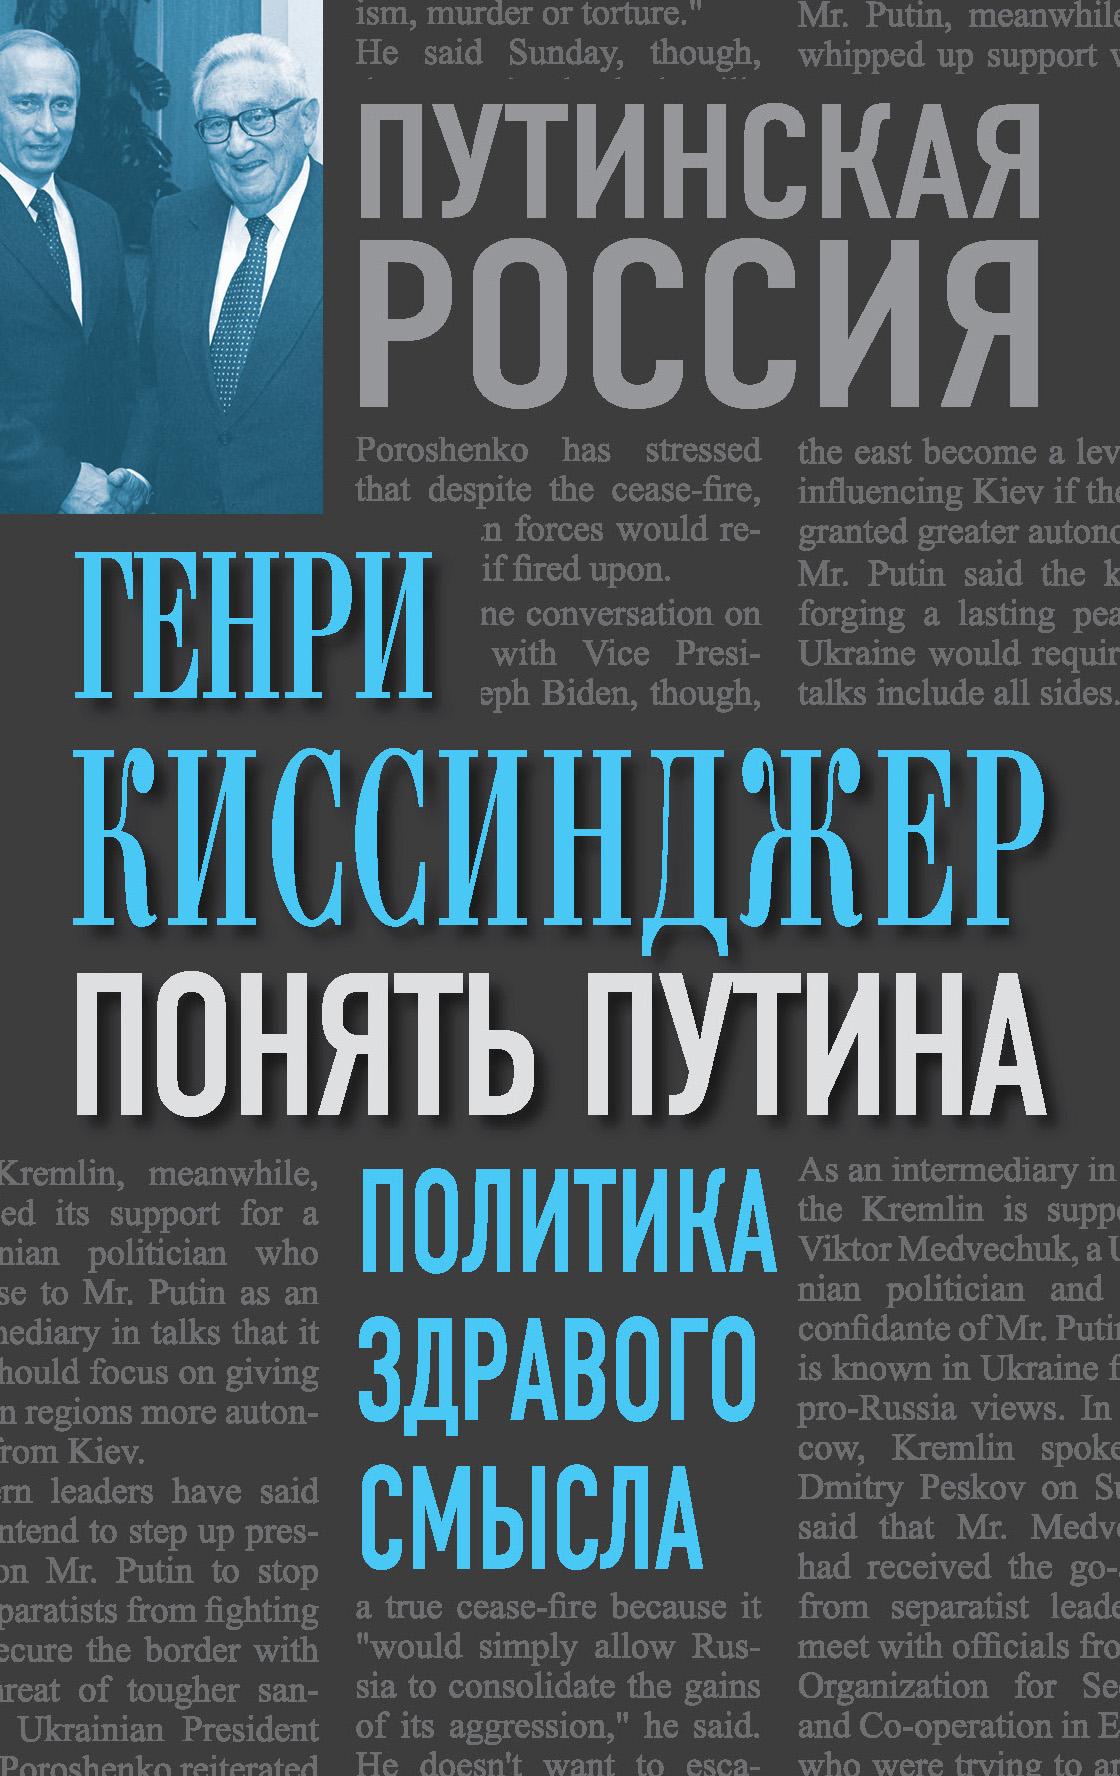 Генри Киссинджер Понять Путина. Политика здравого смысла